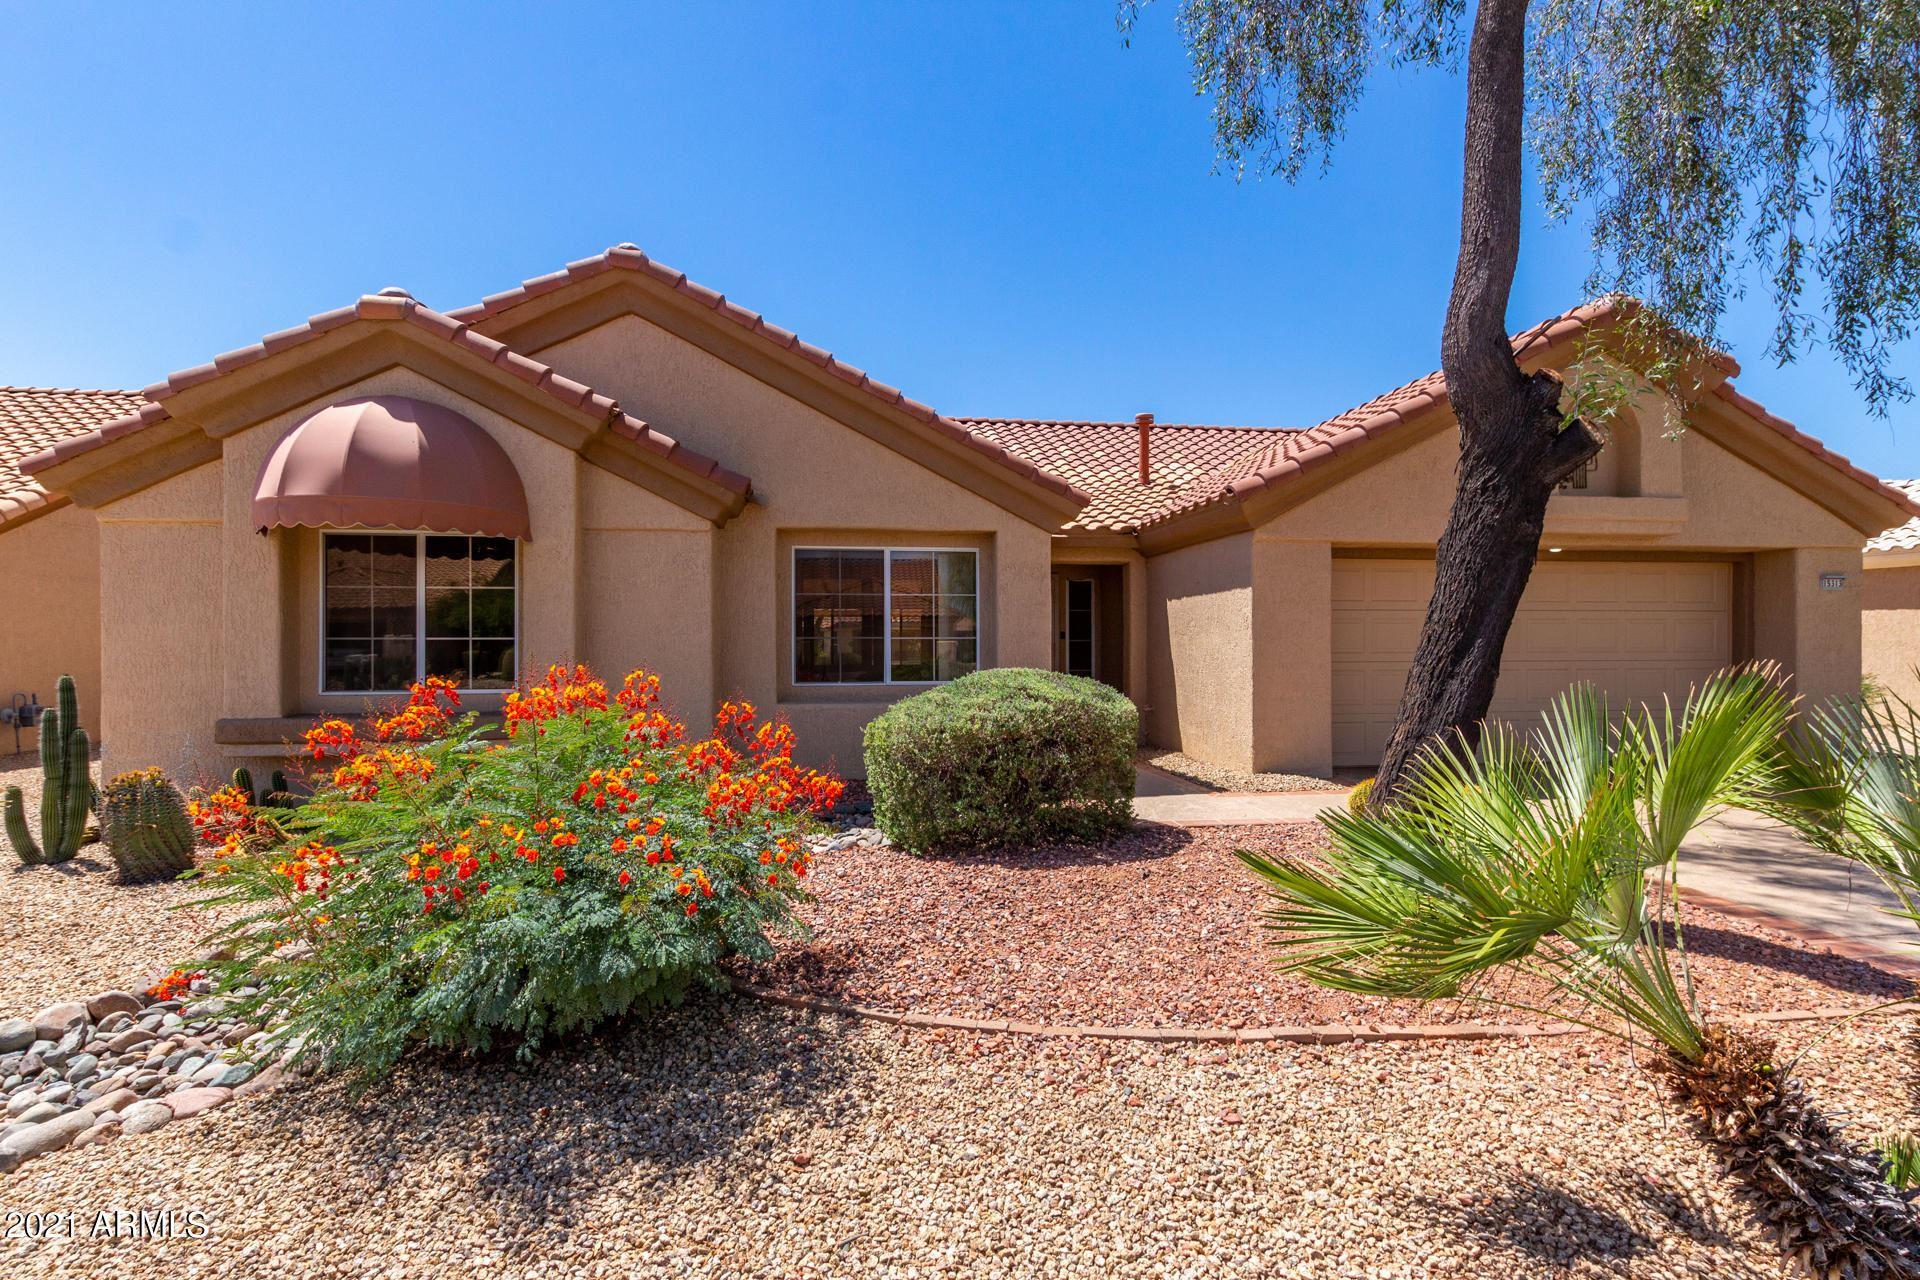 15313 W BLUE VERDE Drive, Sun City West, AZ 85375 - MLS#: 6213995